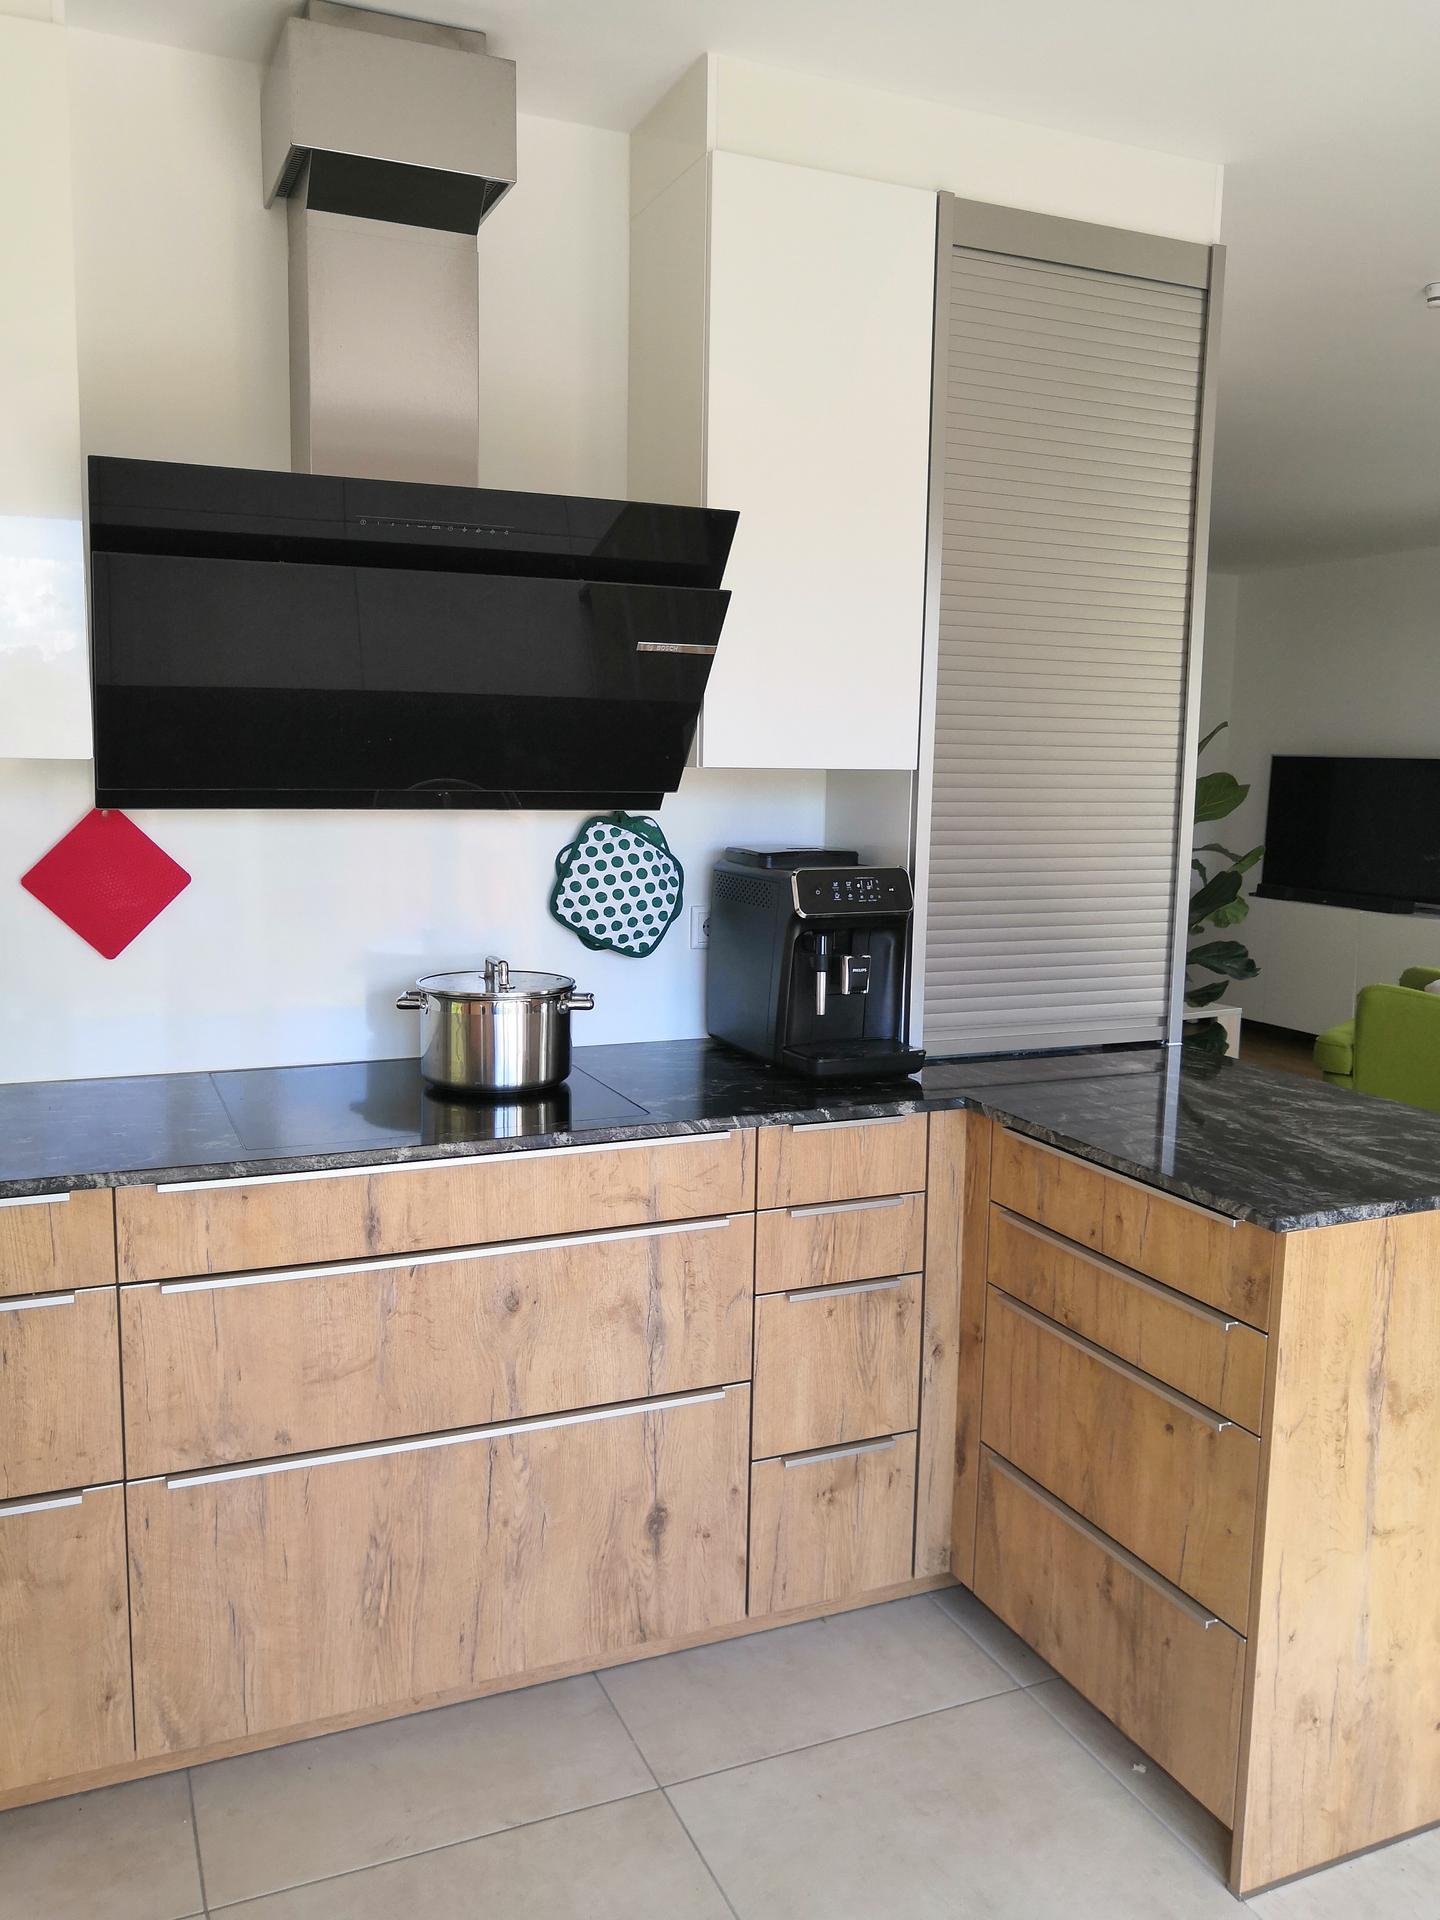 Kuchyně - Obrázek č. 5